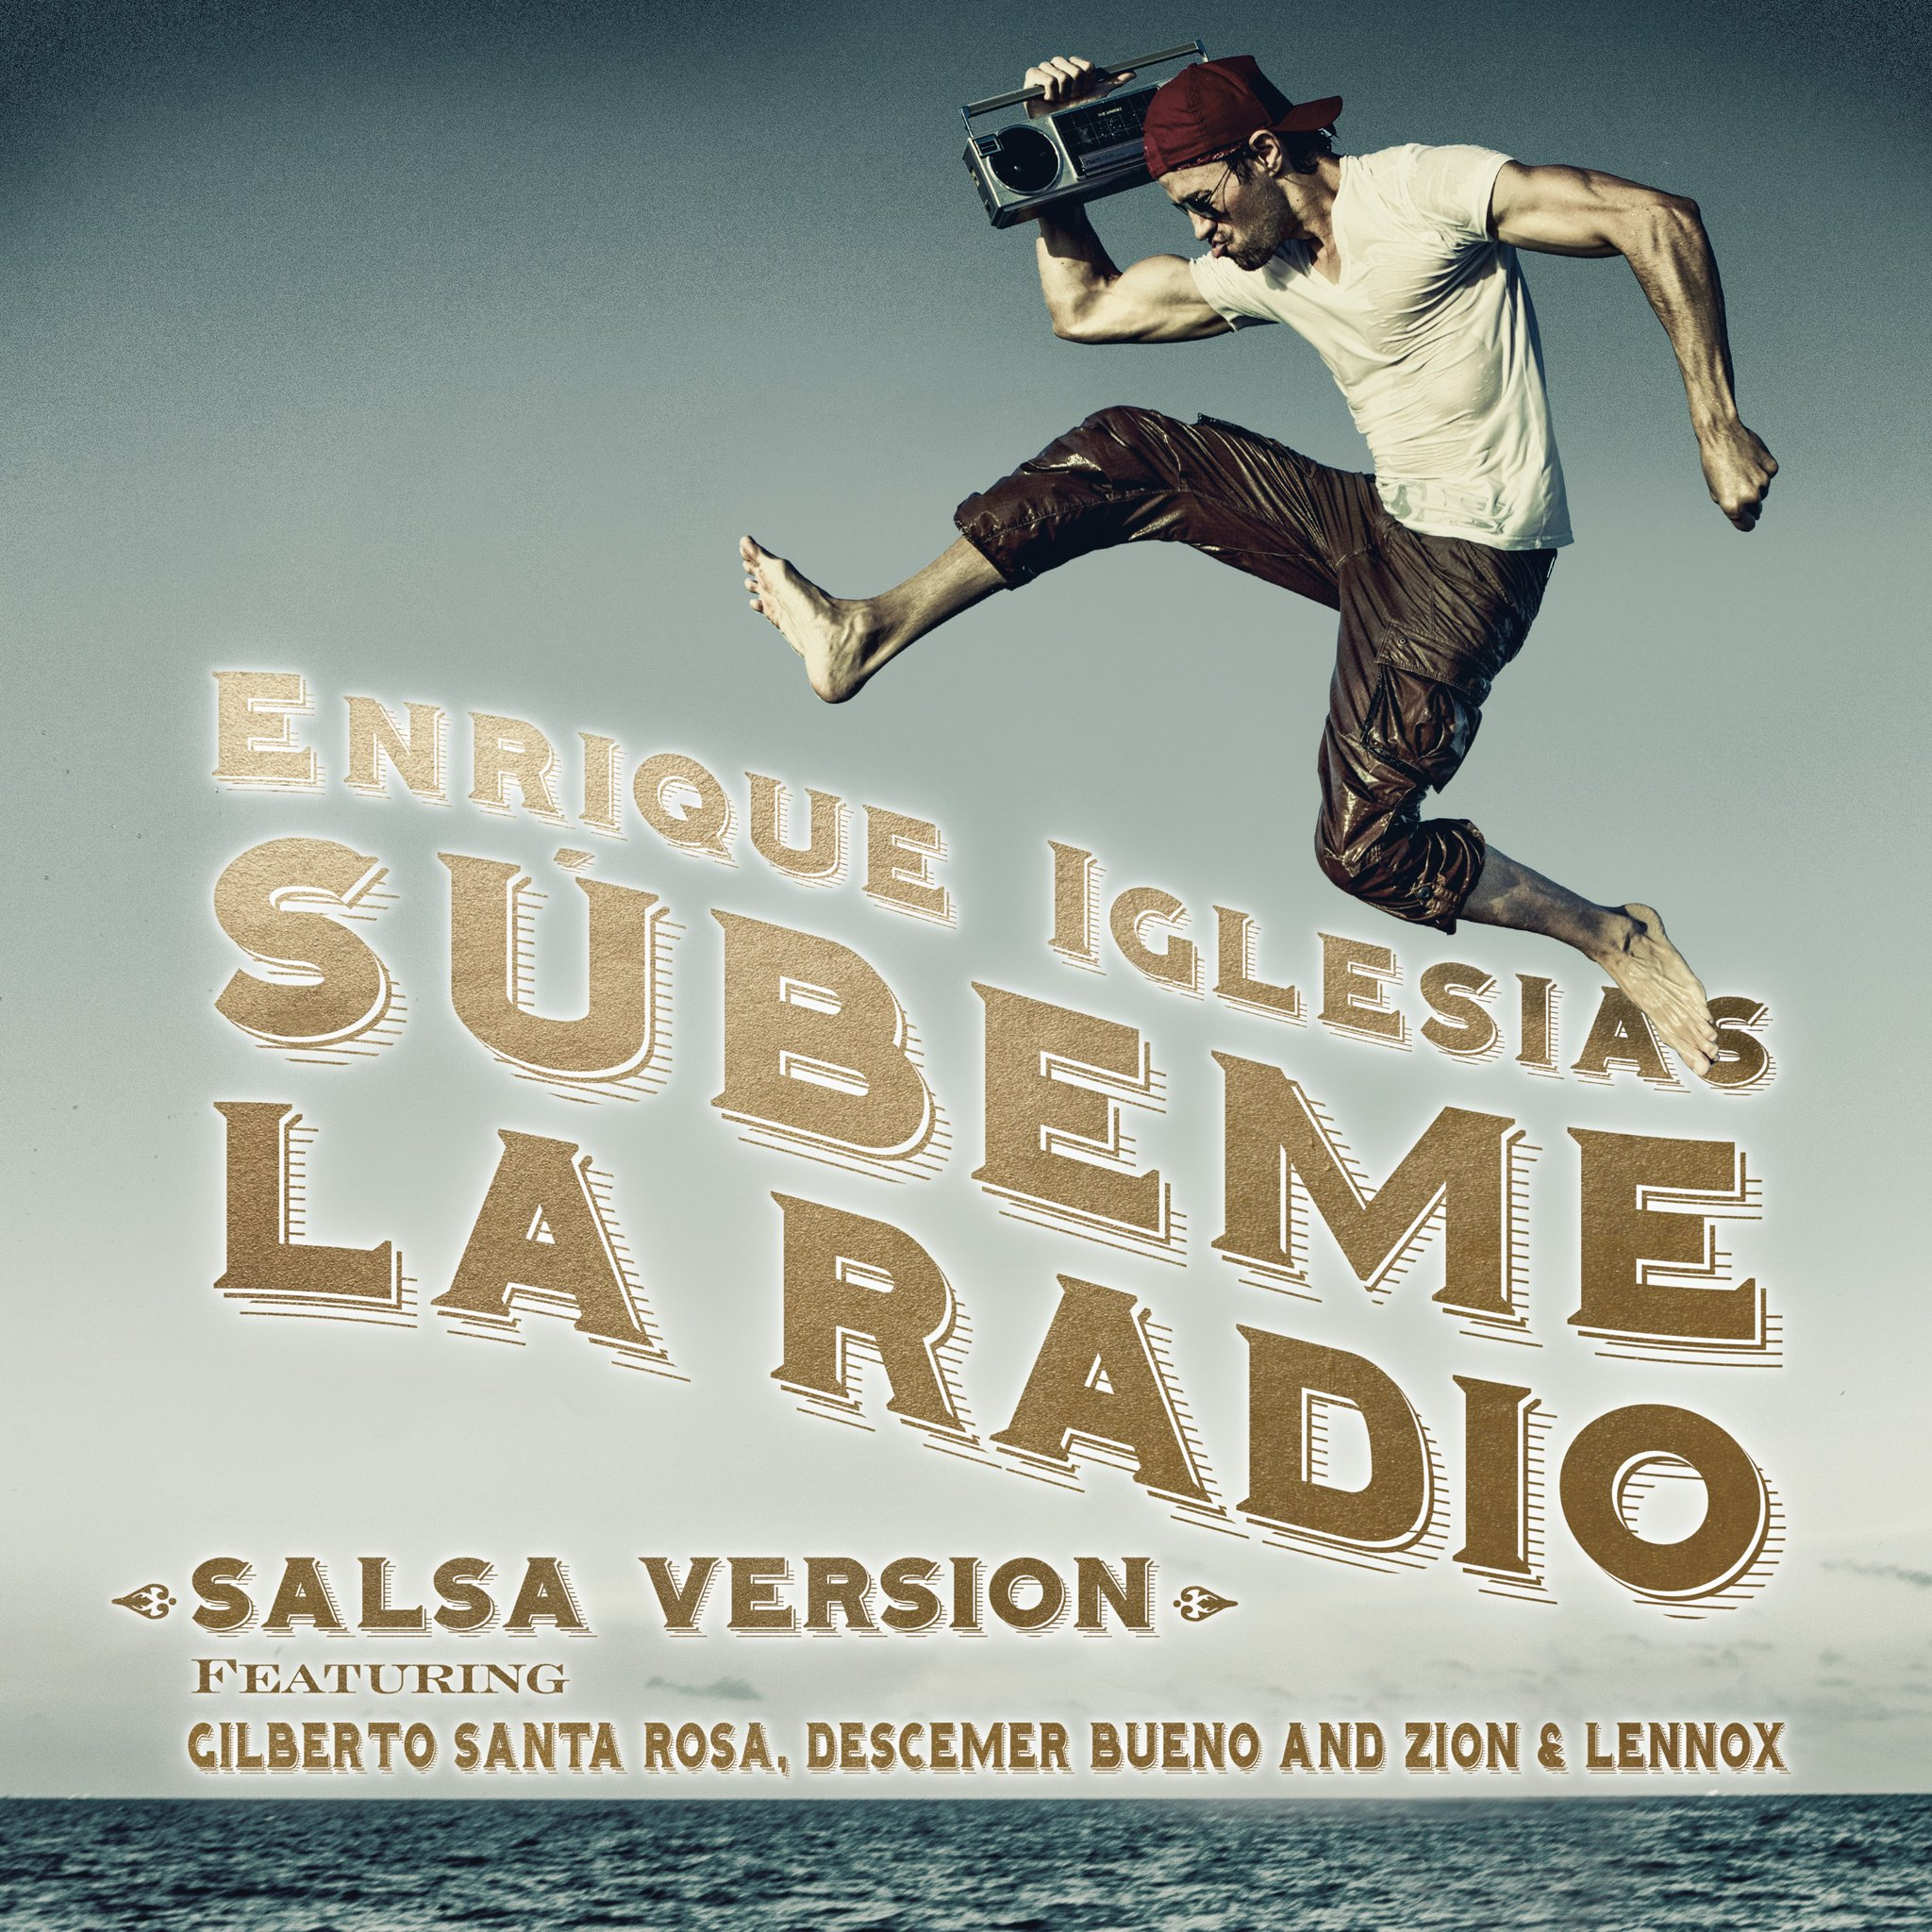 Súbeme la radio (Salsa version)